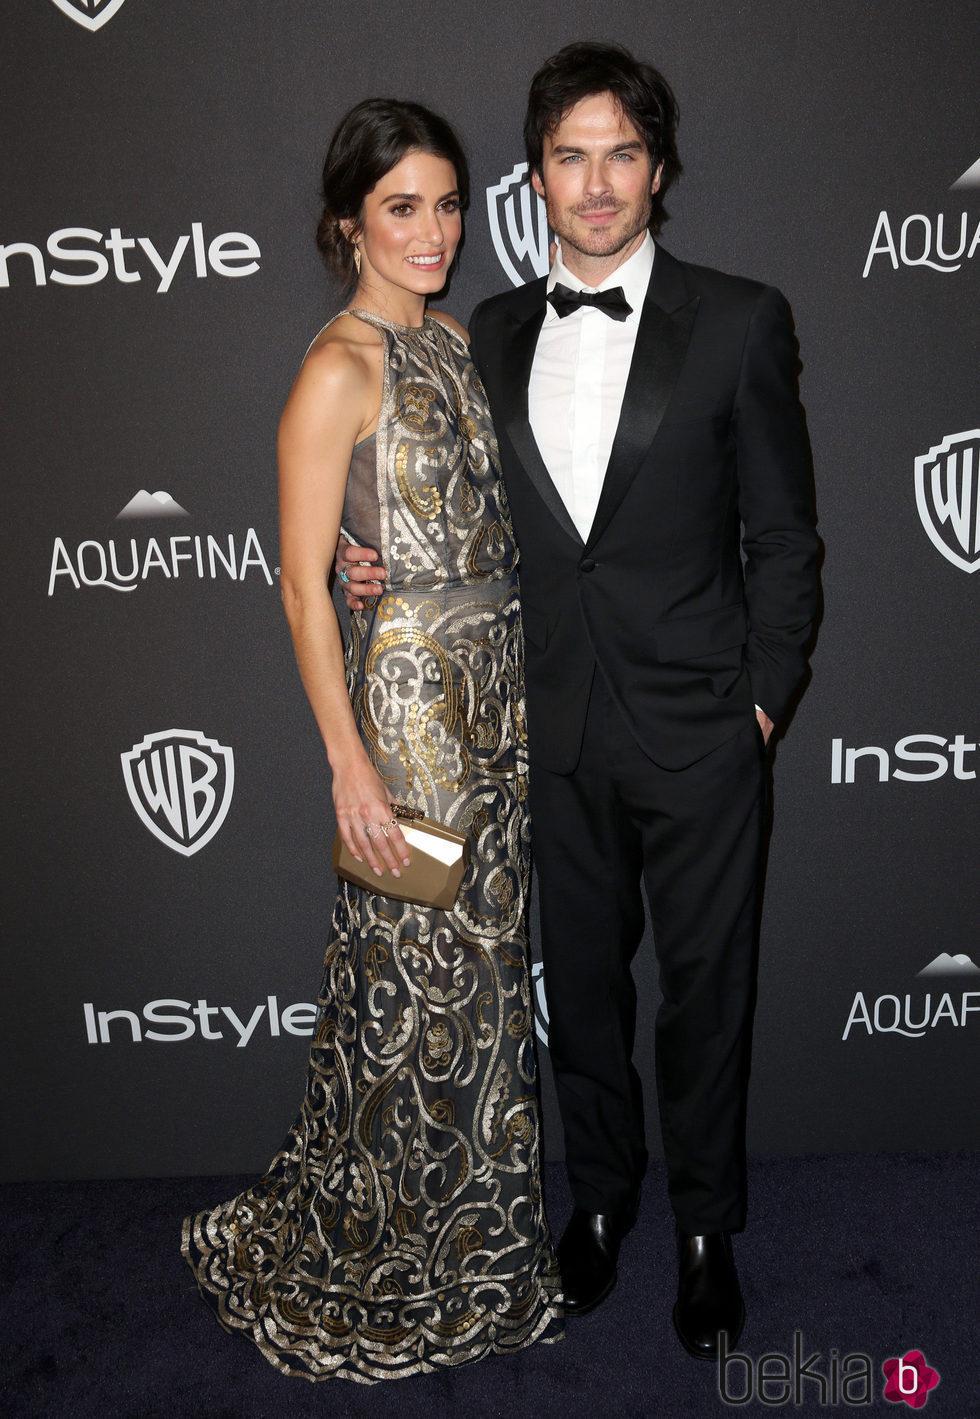 Ian Somerhalder y Nikki Reed en la fiesta de InStyle tras la entrega de los Globos de Oro 2016